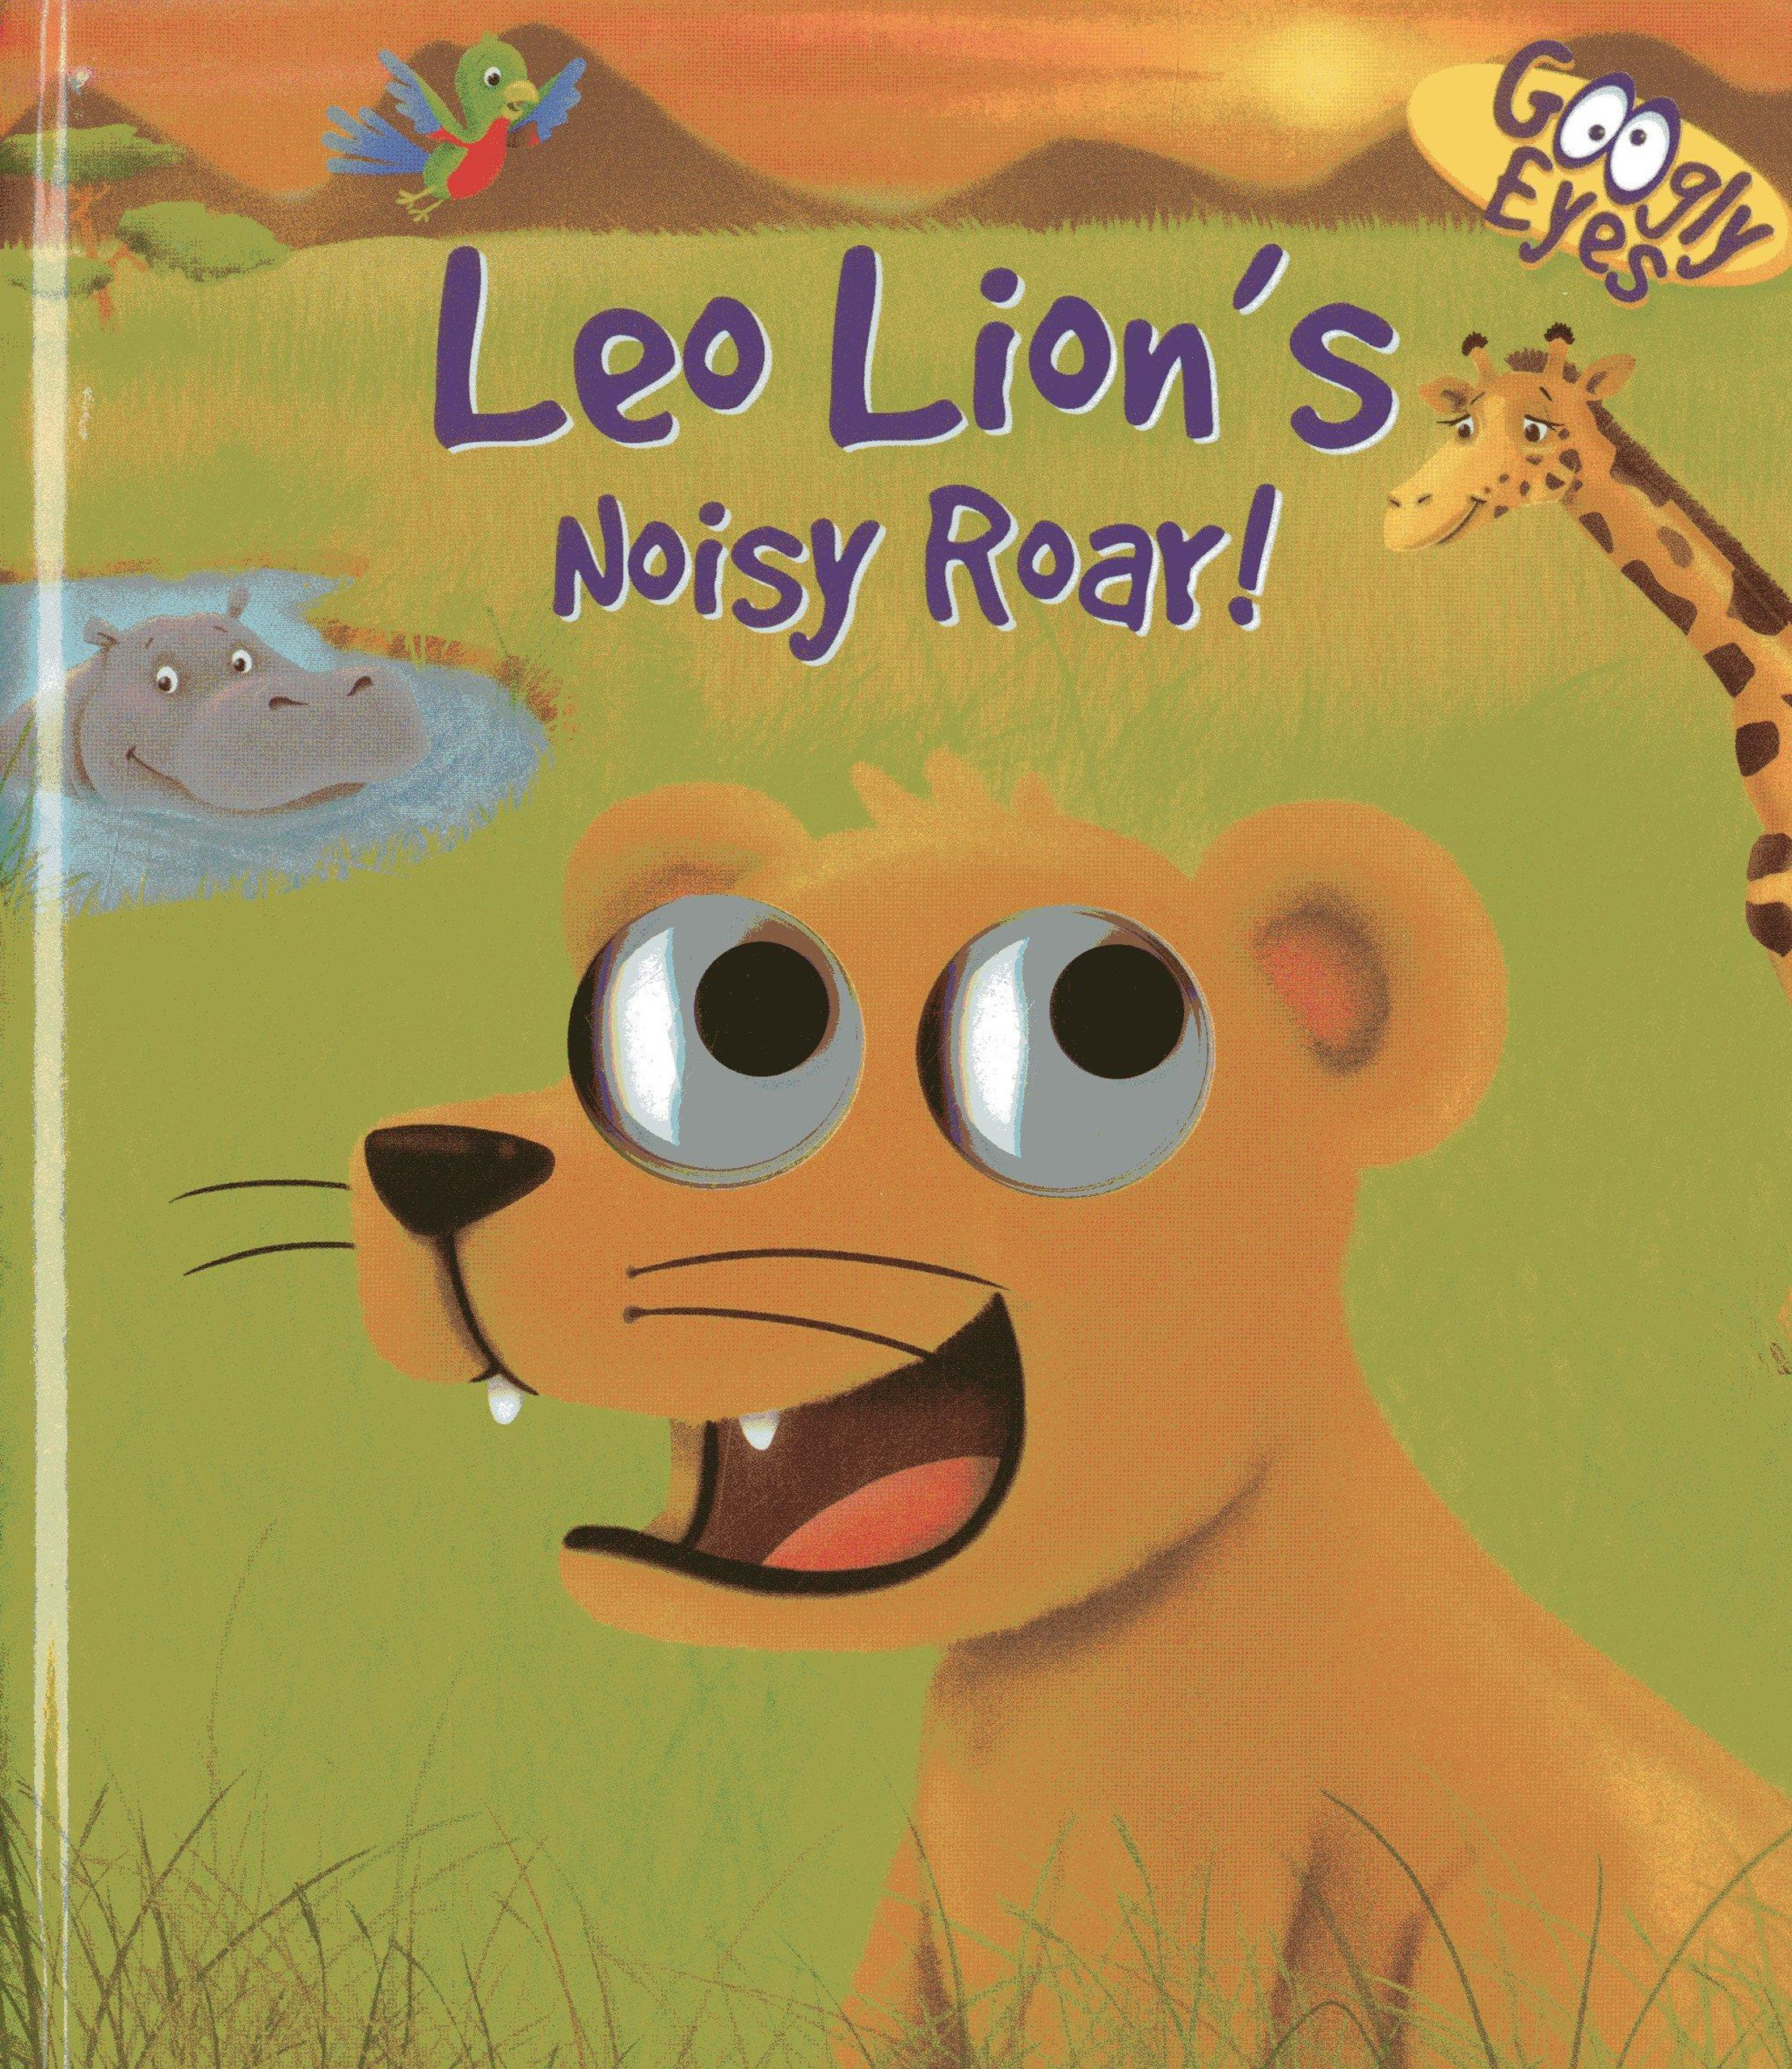 Googly Eyes: Leo Lion's Noisy Roar!